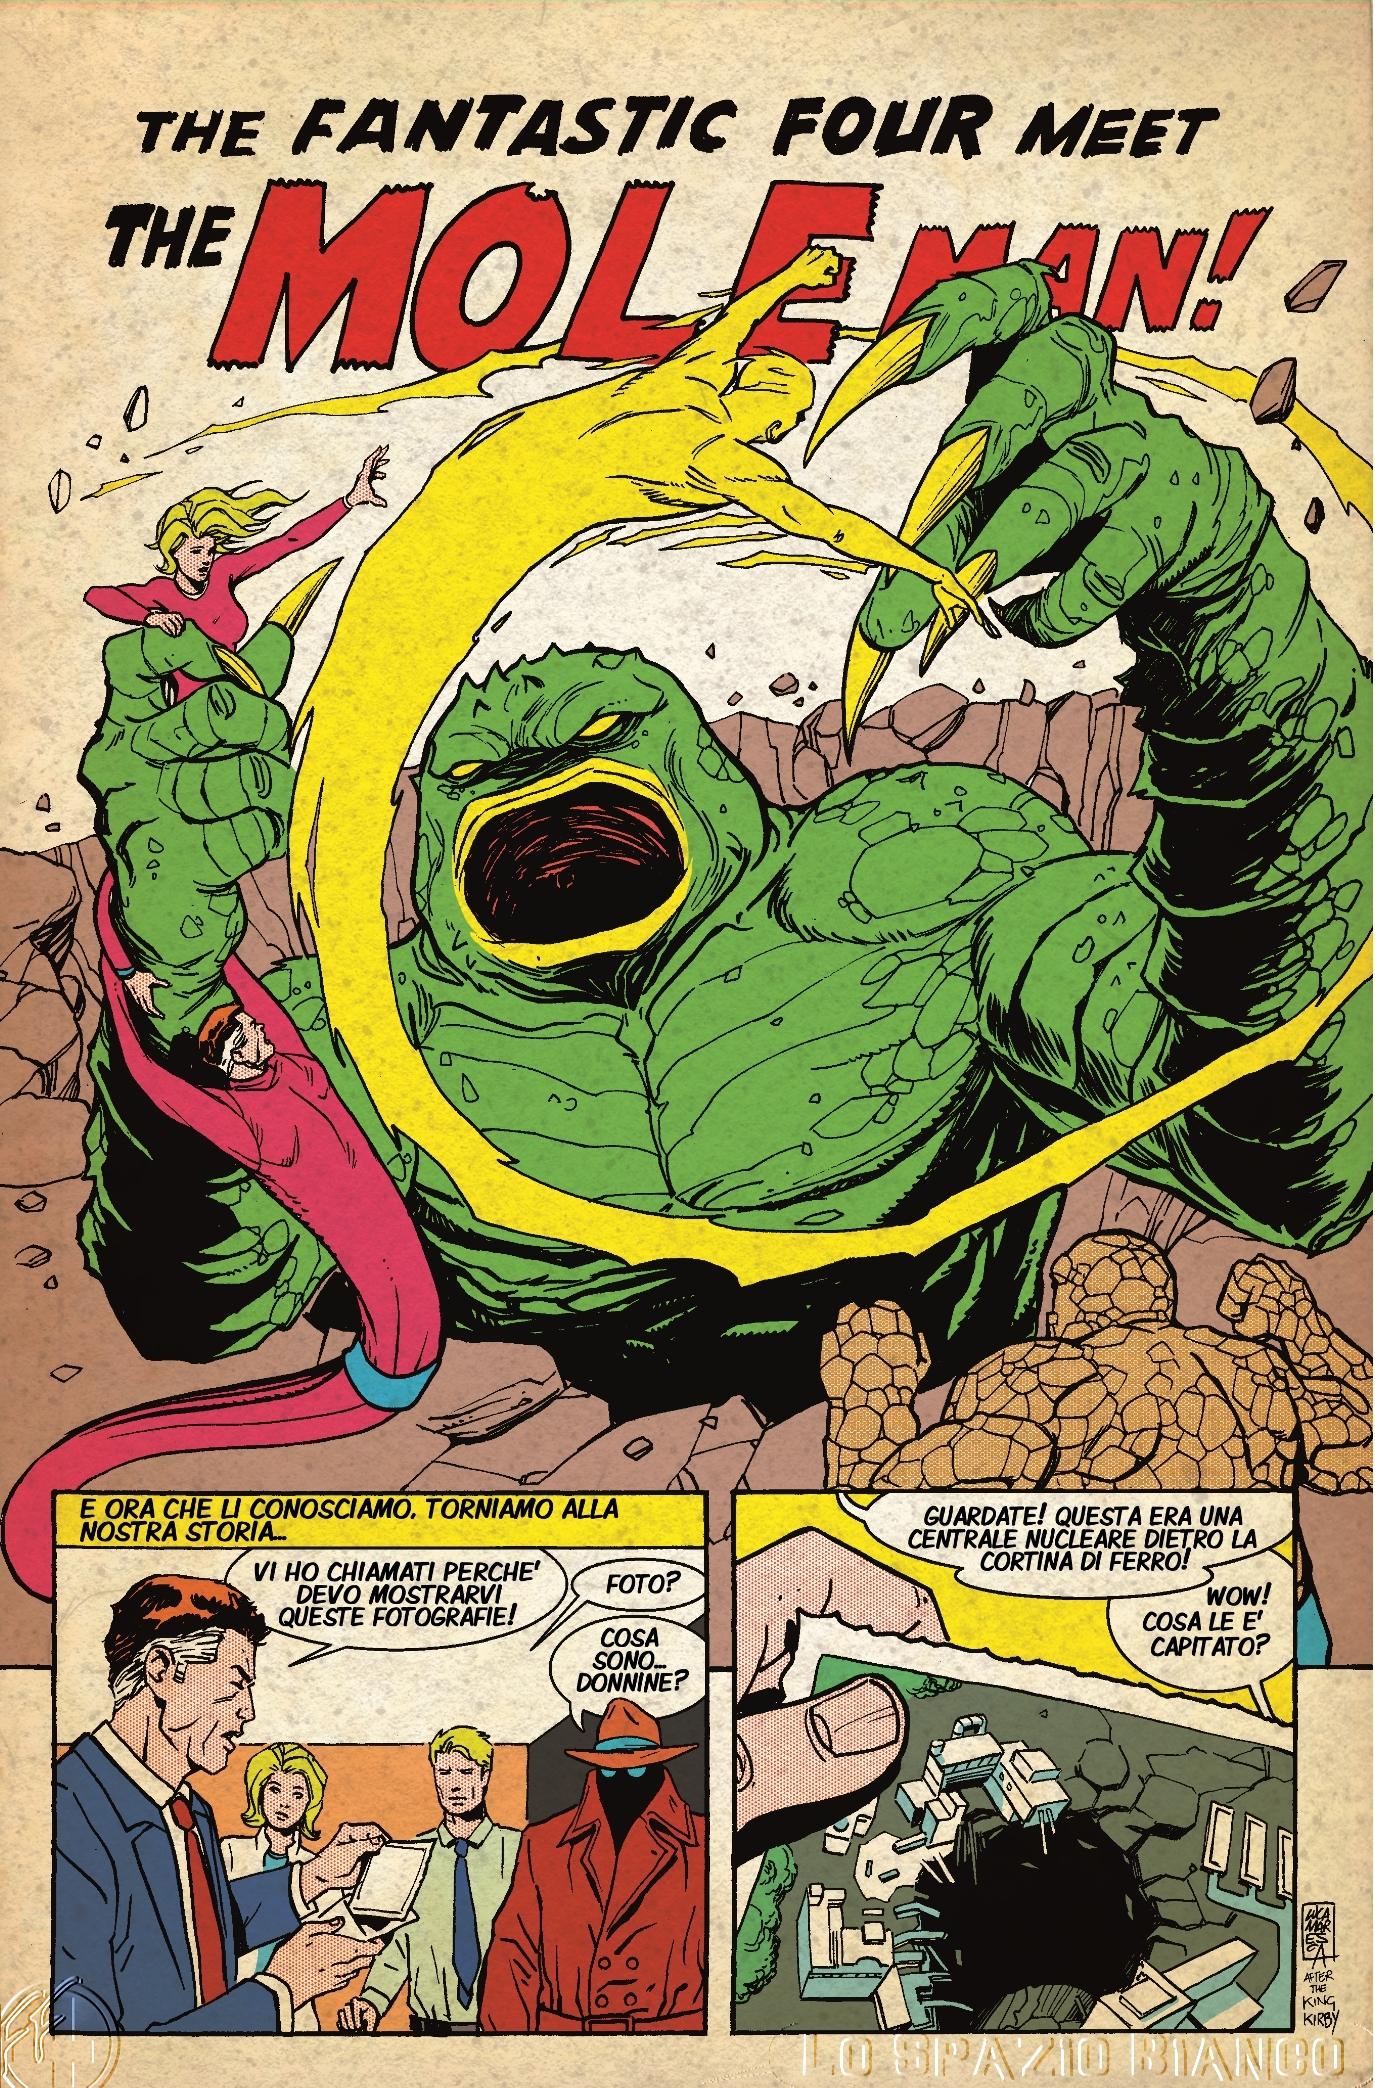 Fantastici Quattro (Mole Man 1) Pagina 1 (Luca Maresca)